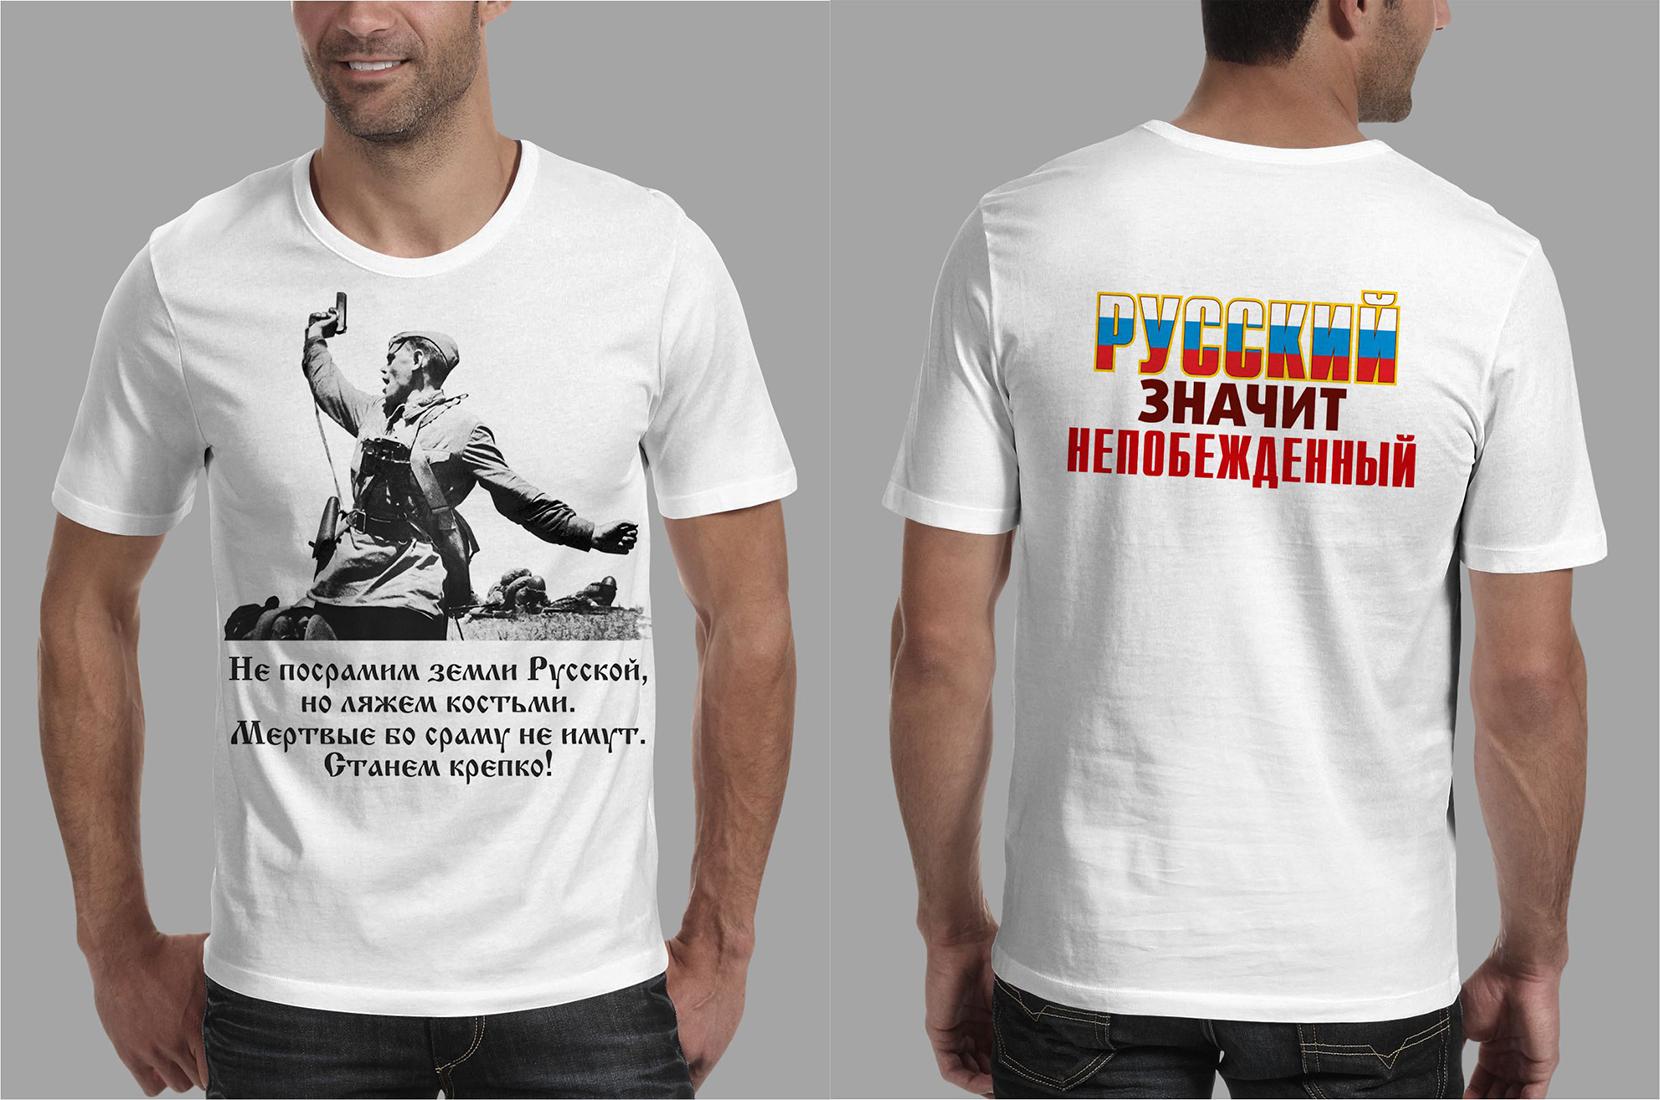 Конкурс принтов на футболки! 1 место 4000р., 2 место 2000р. фото f_54359dd61a1ac3cf.jpg